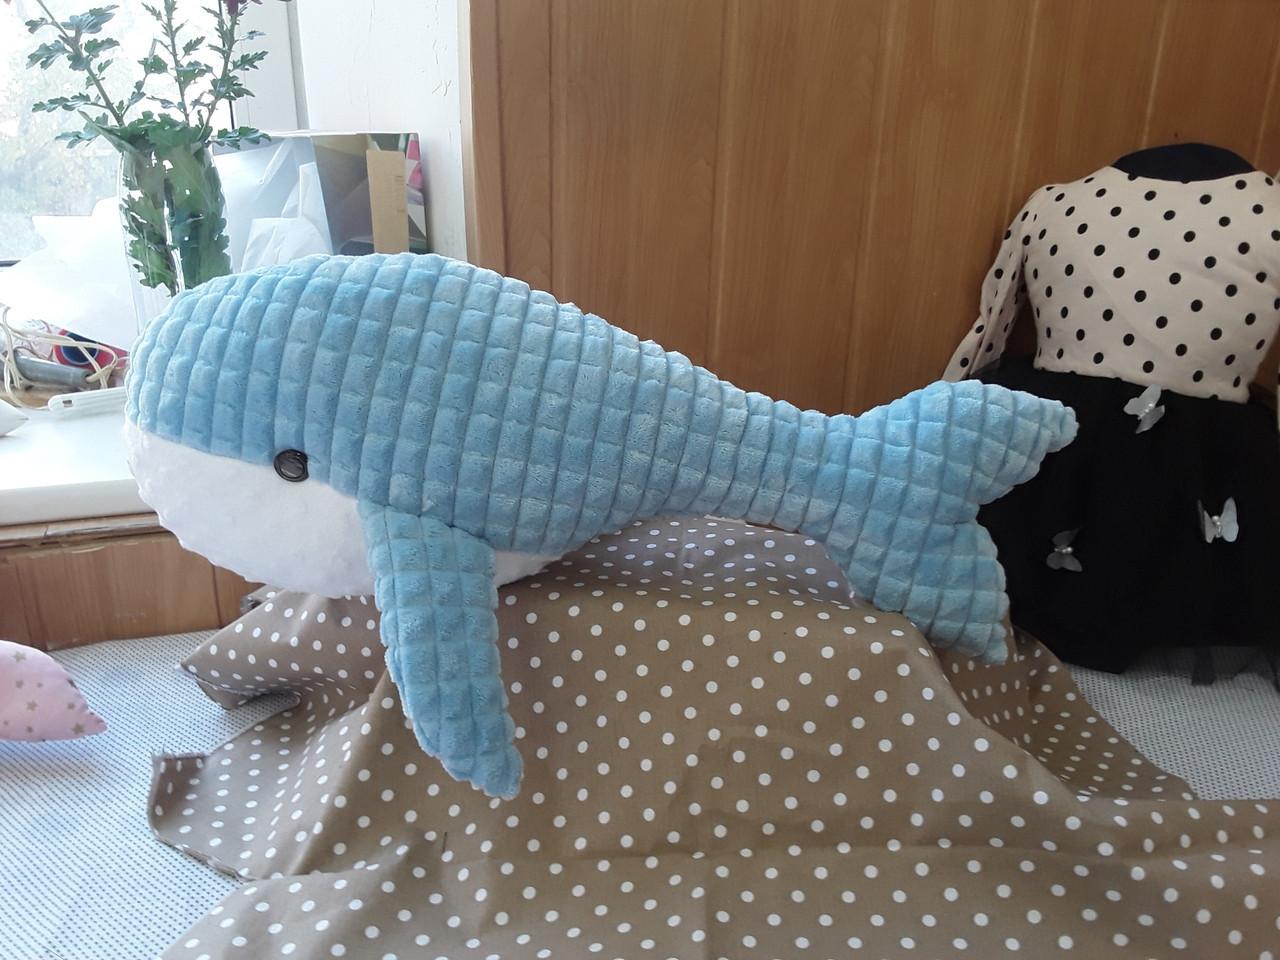 Іграшка плюшевий Кіт. М'яка Іграшка з плюшу .